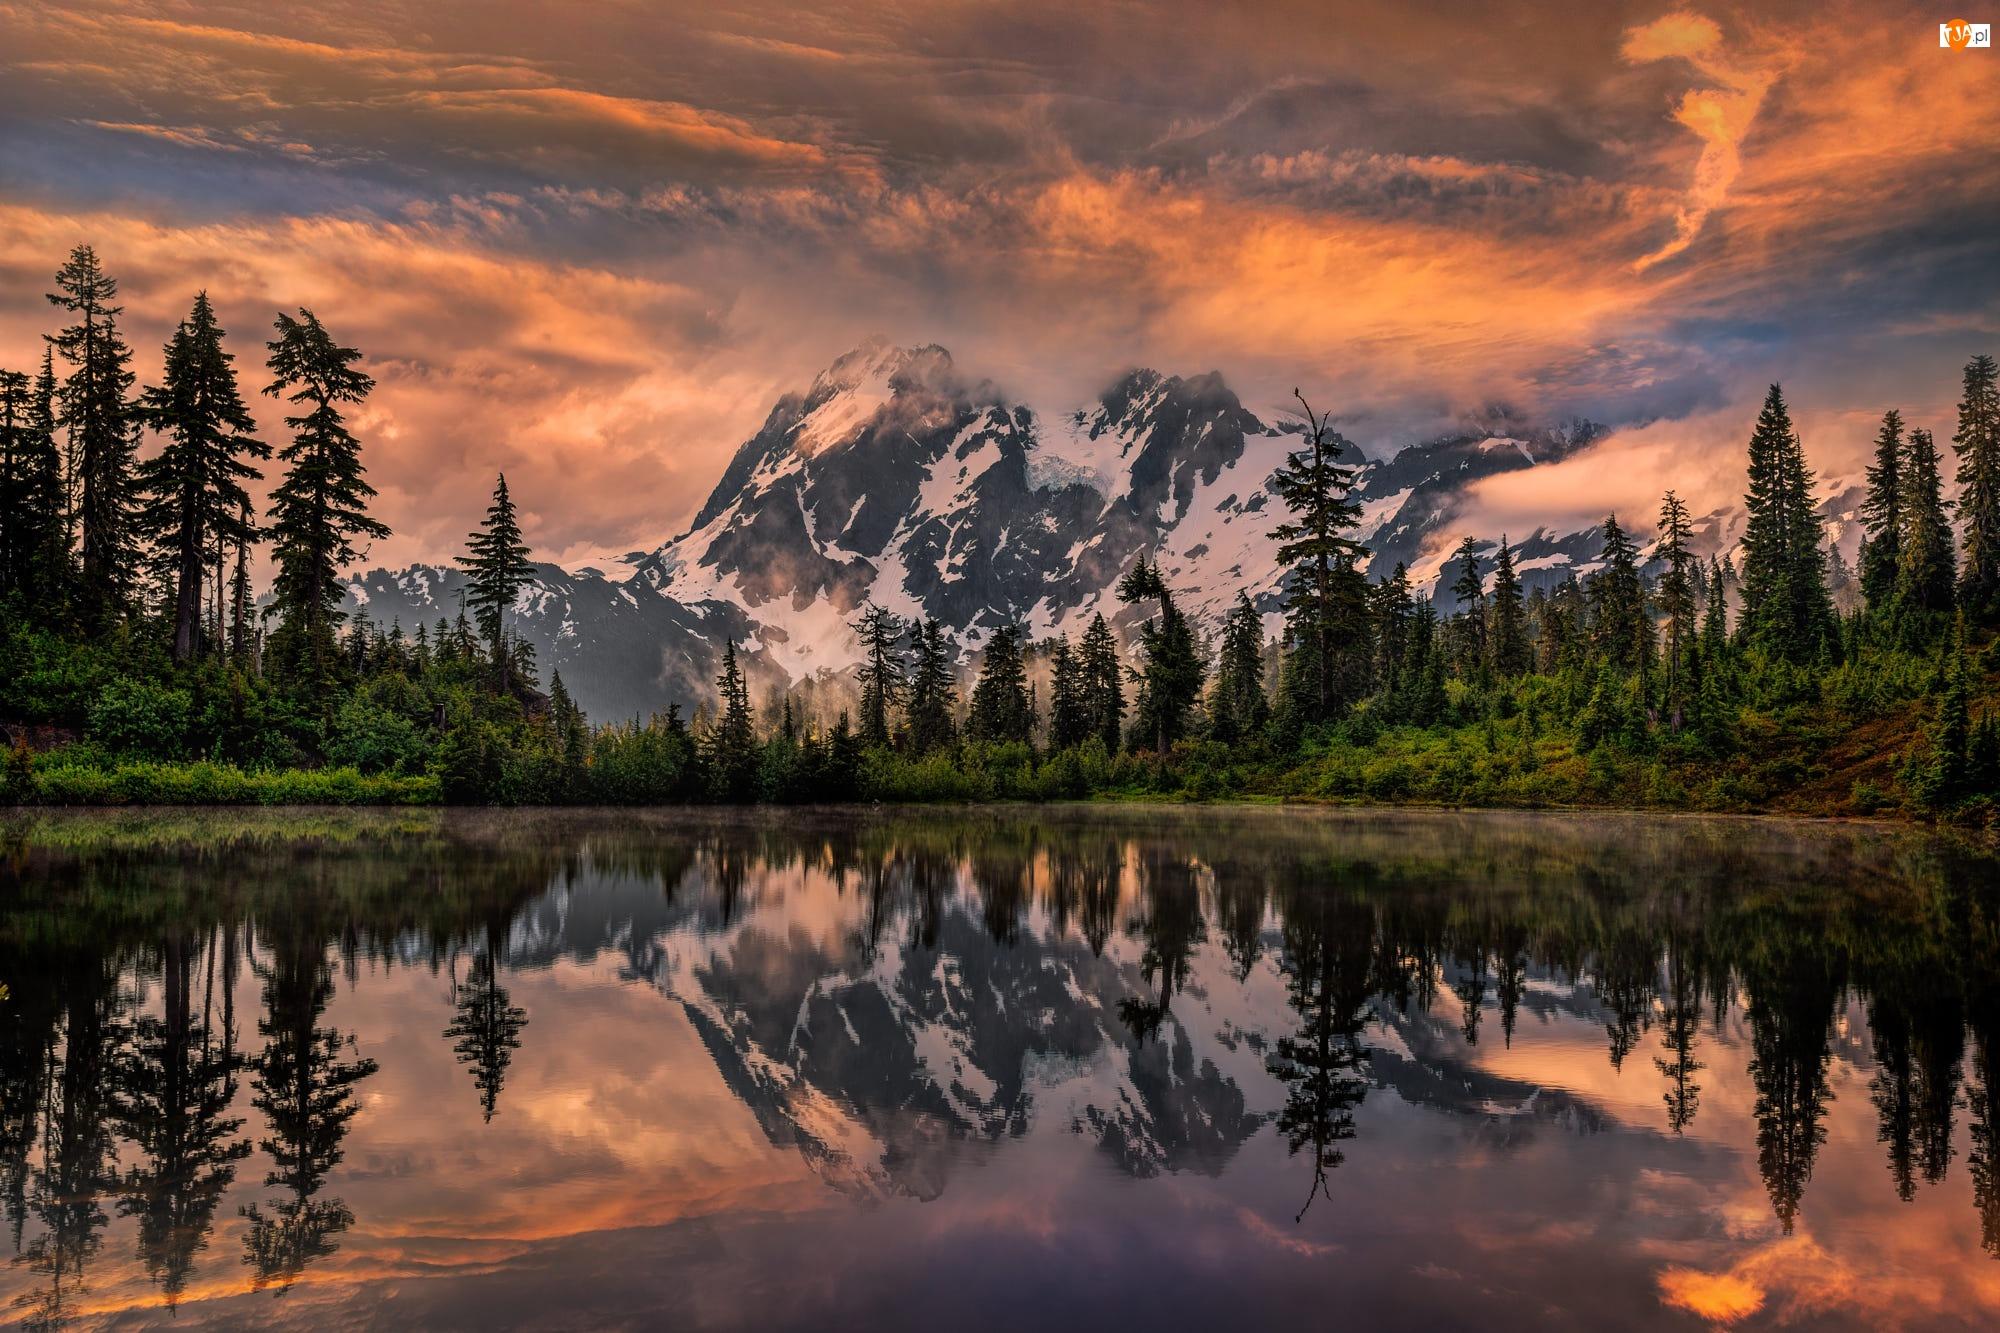 Jezioro Picture, Stany Zjednoczone, Las, Wschód słońca, Stan Waszyngton, Drzewa, Chmury, Góry Mount Shuksan